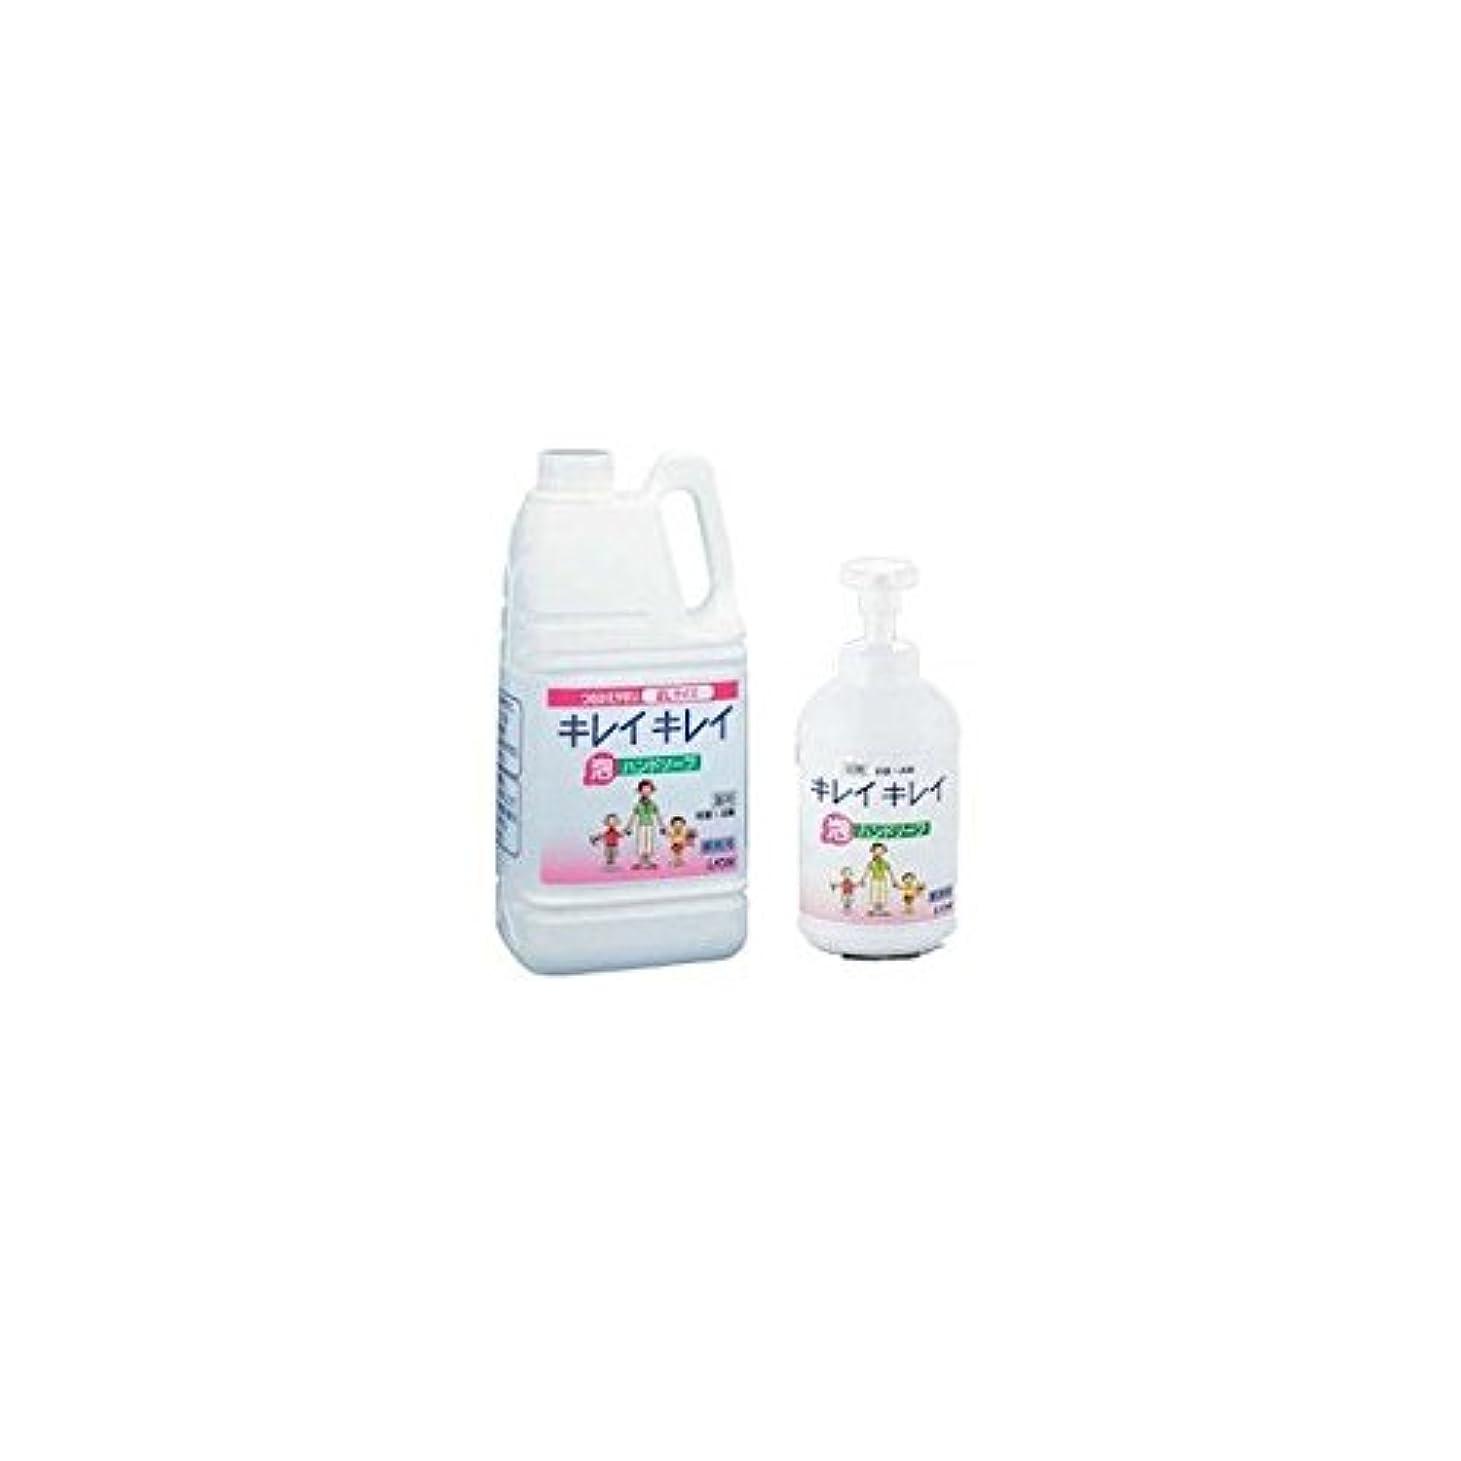 枢機卿オーバーフローワーカーライオン キレイキレイ薬用泡ハンドソープ 2L(700ML専用ポンプ付) 【品番】JHV2503